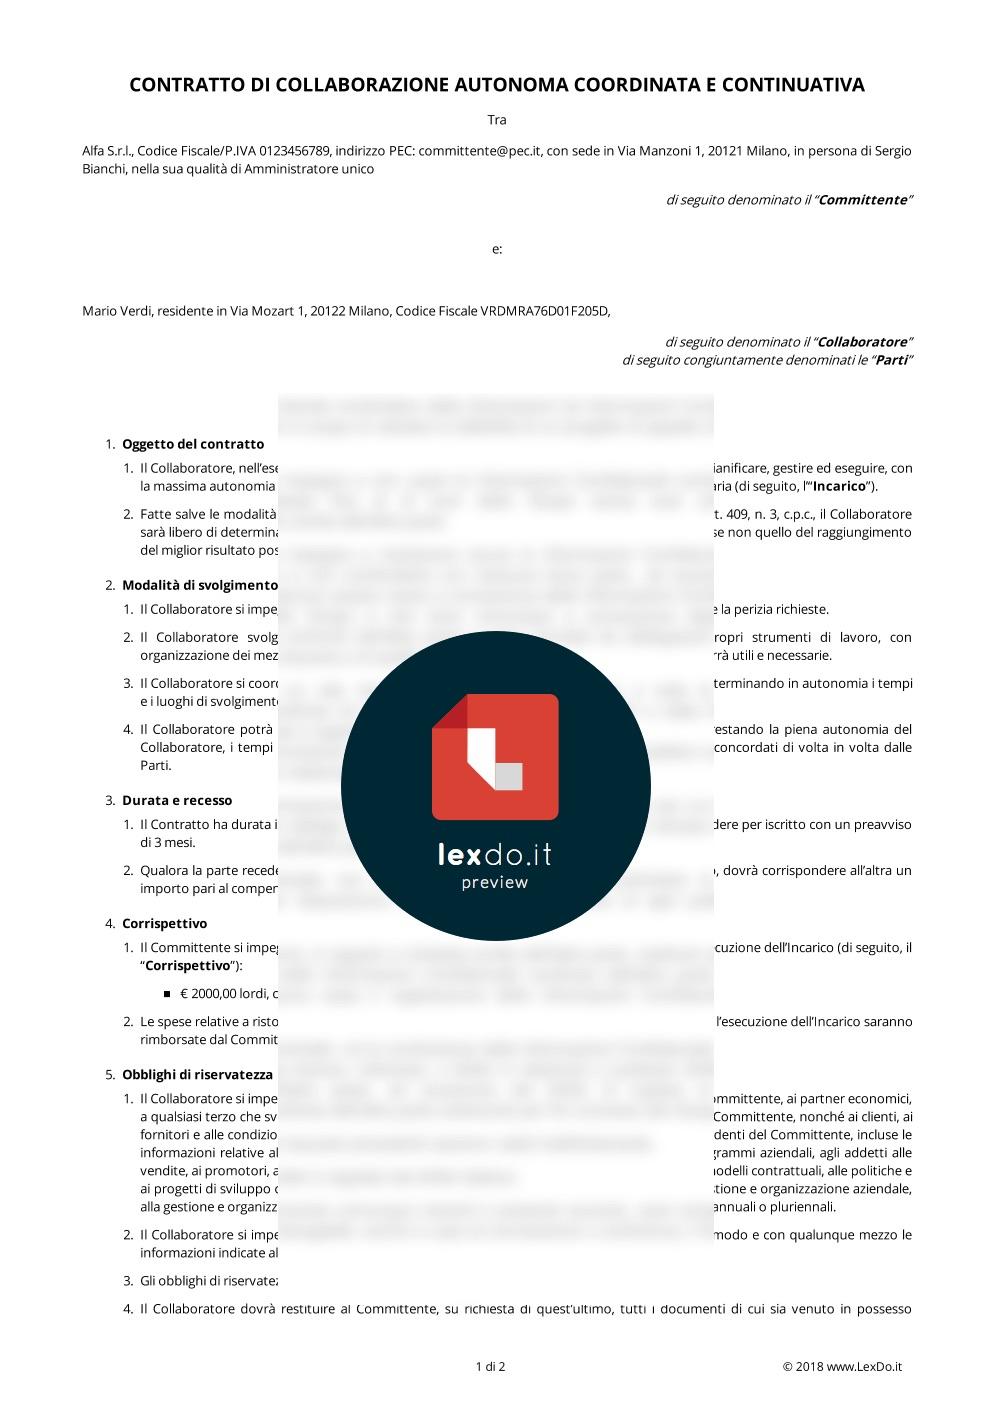 Contratto di Collaborazione Coordinata Continuativa modello